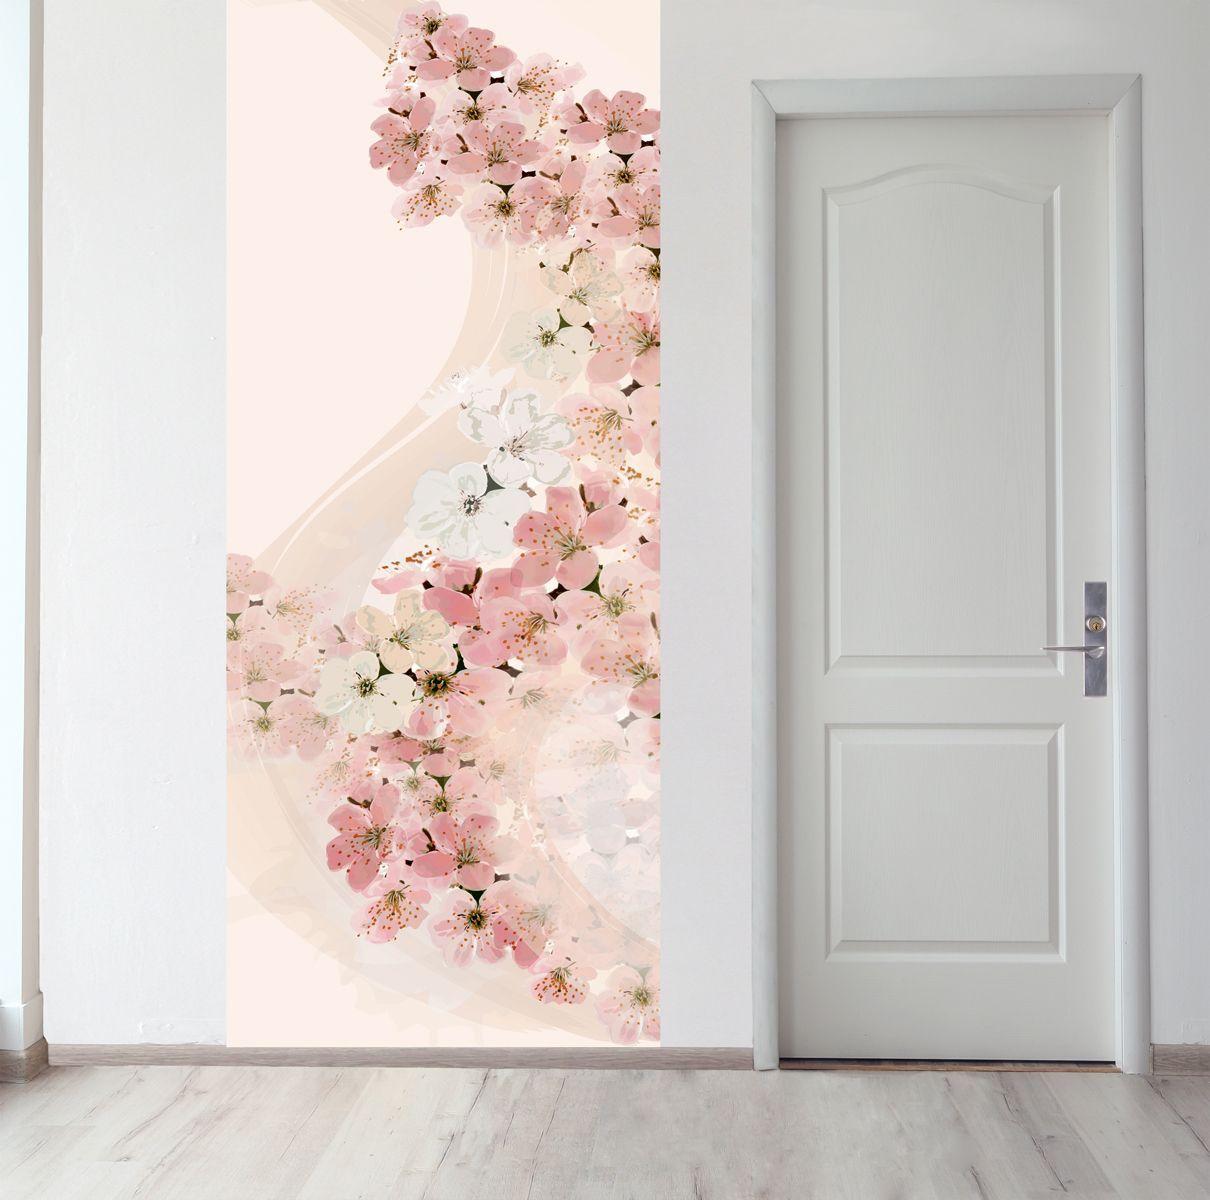 Панно на стену - Вуаль весны магазин Интерьерные наклейки